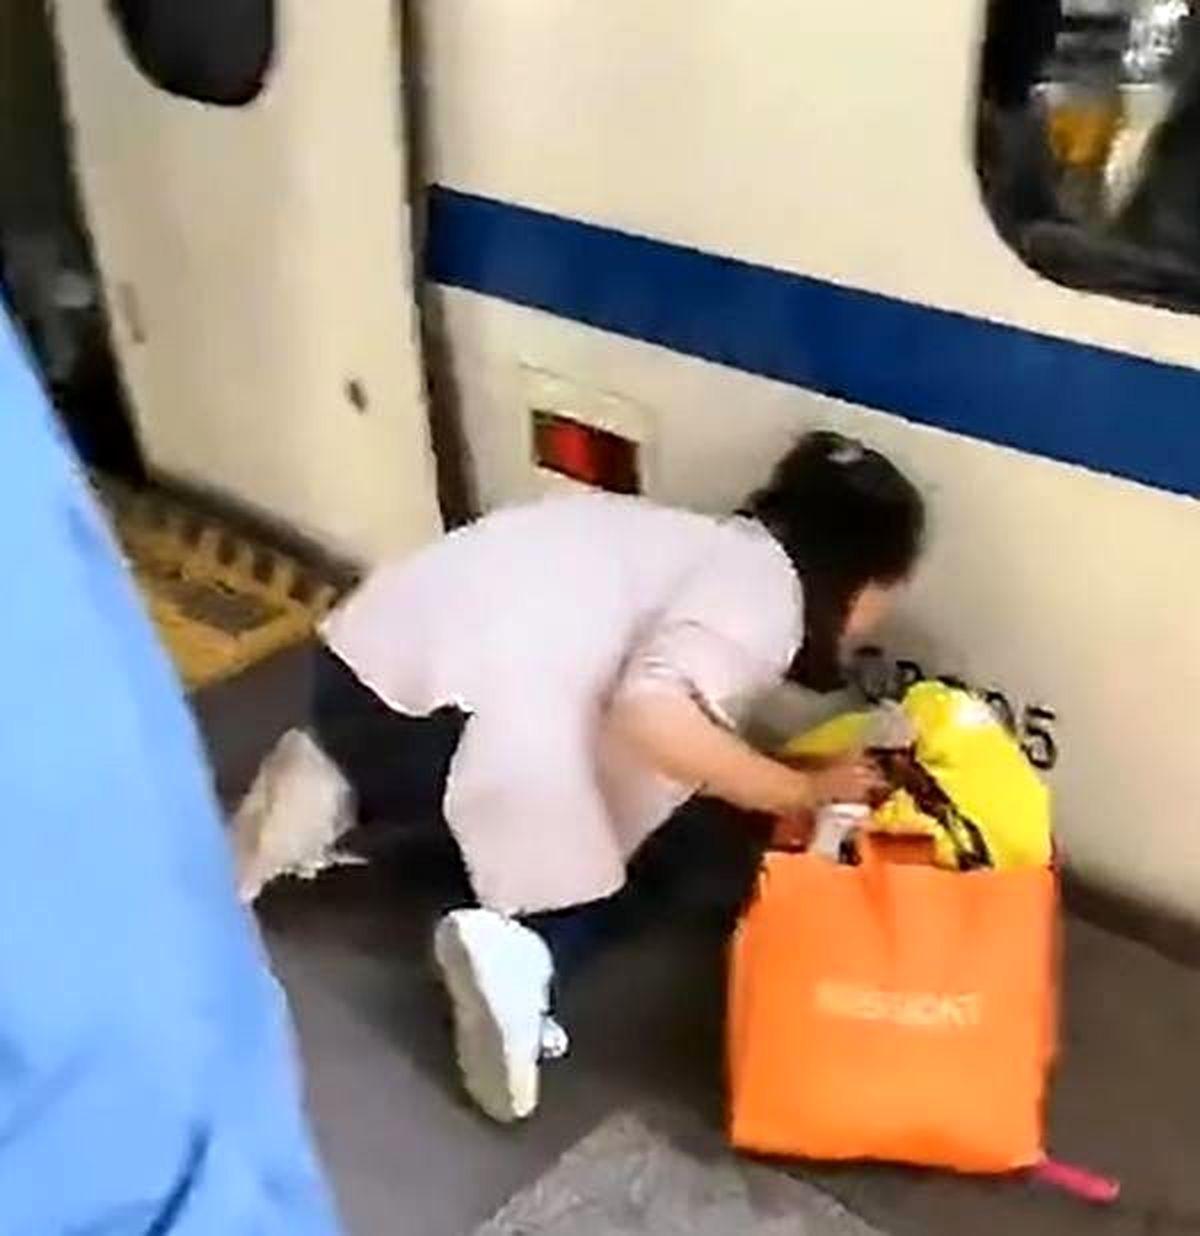 افتادن کودک روی ریل مترو به خاطر موبایل بازی مادر + عکس